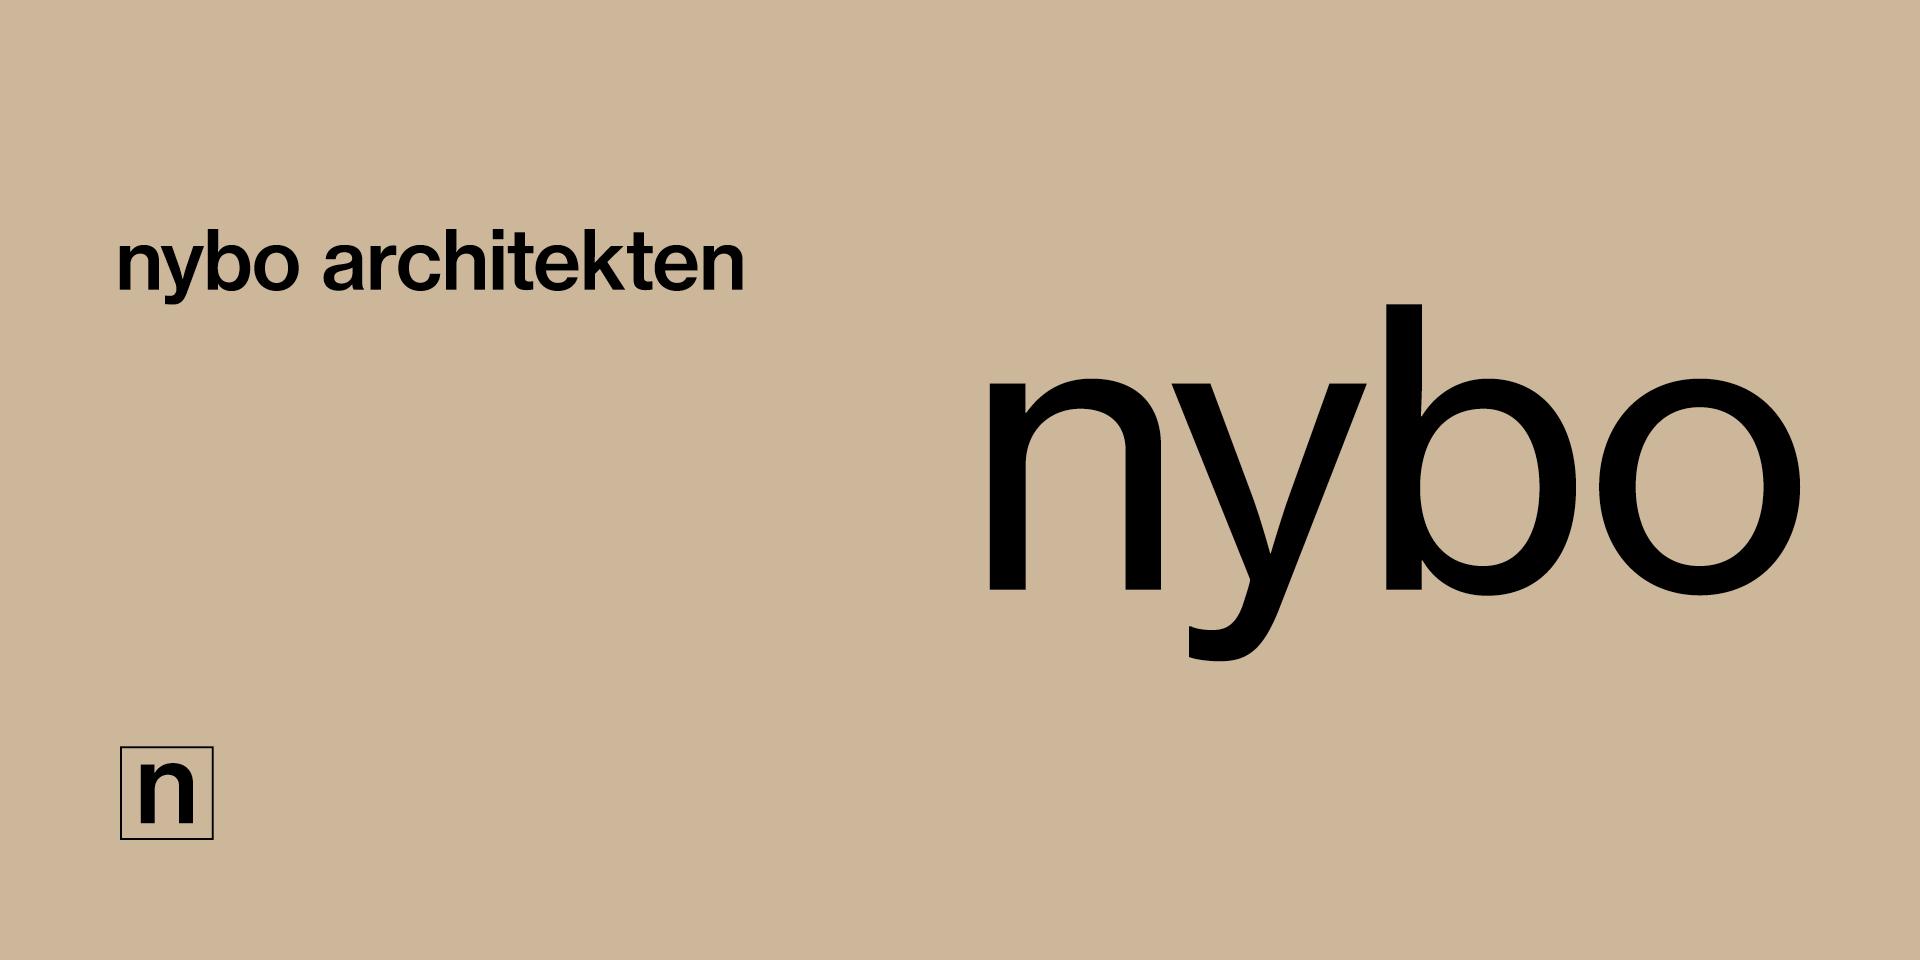 Die verschiedenen Logo-Varianten von nybo architekten